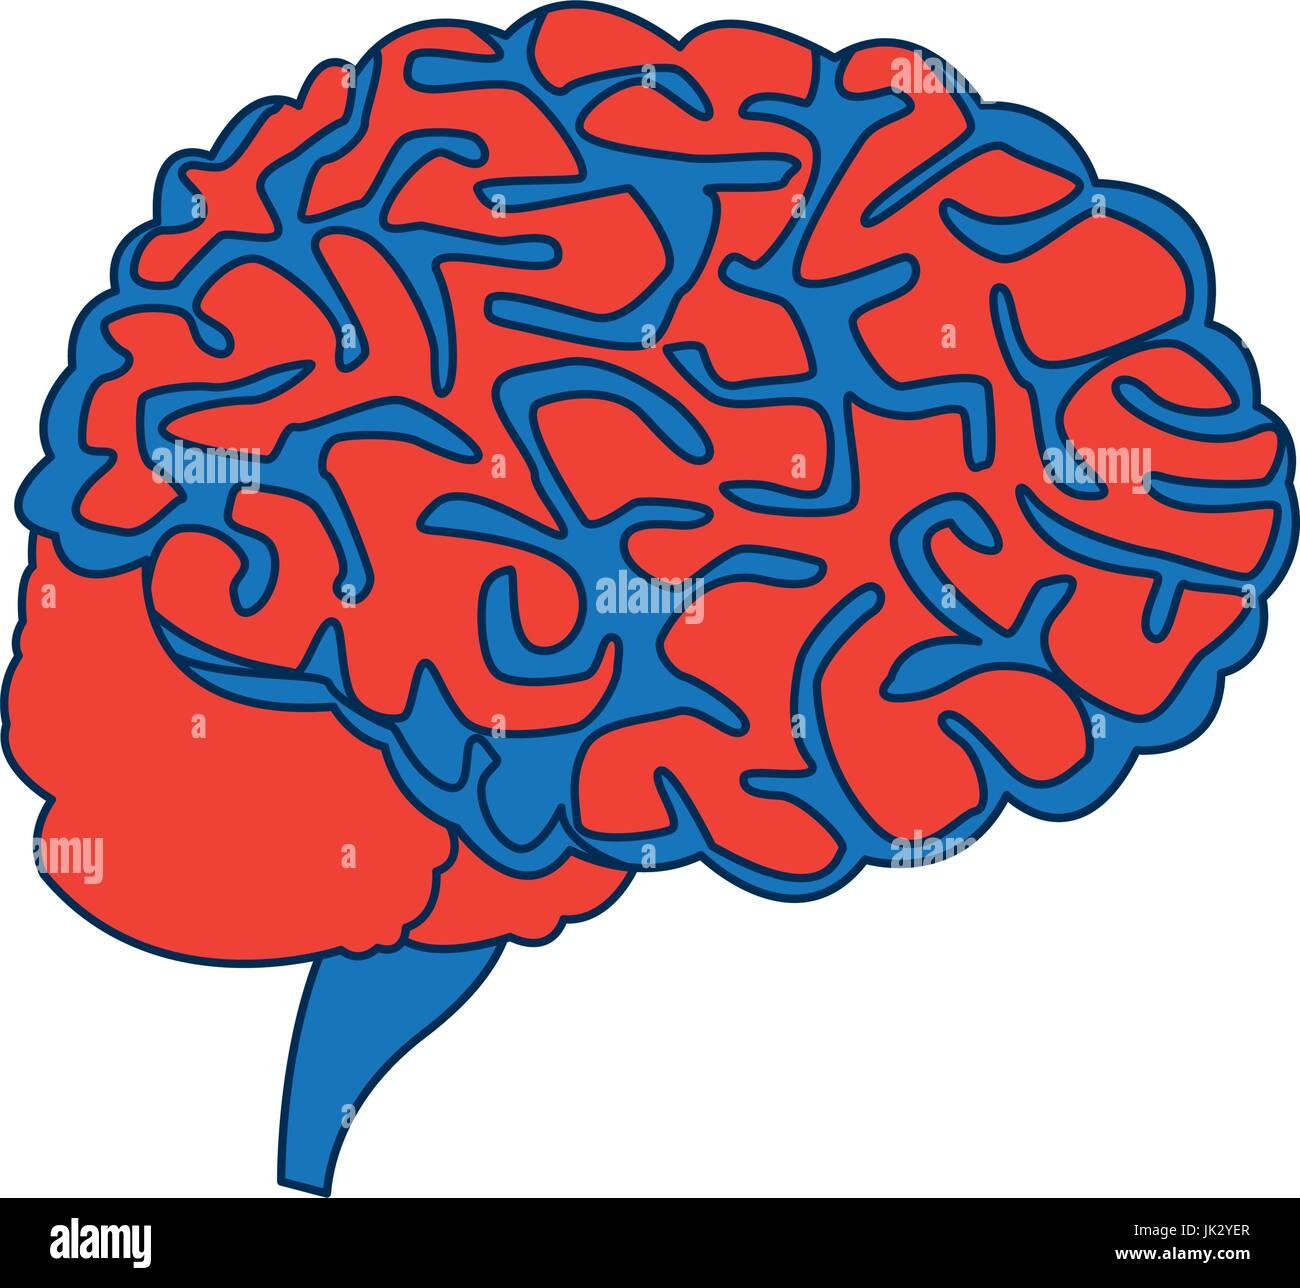 menschliche Gehirn für medizinische gesunde Speicher Anatomie design ...